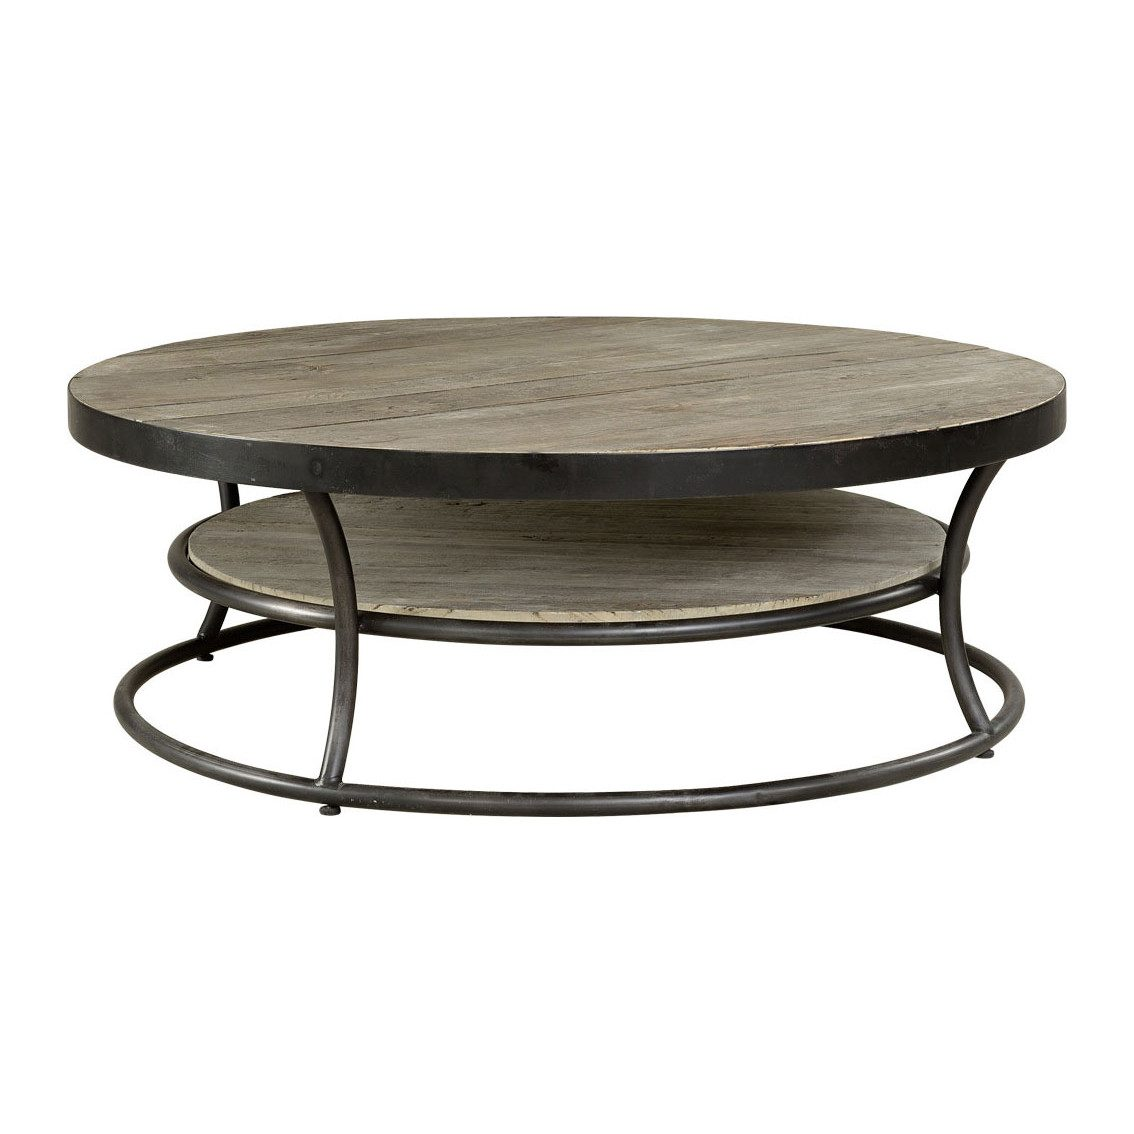 Ett runr botd där bordsskivorna är av Elmwood och stommen av järn 120 cm i diameter från Artwood.